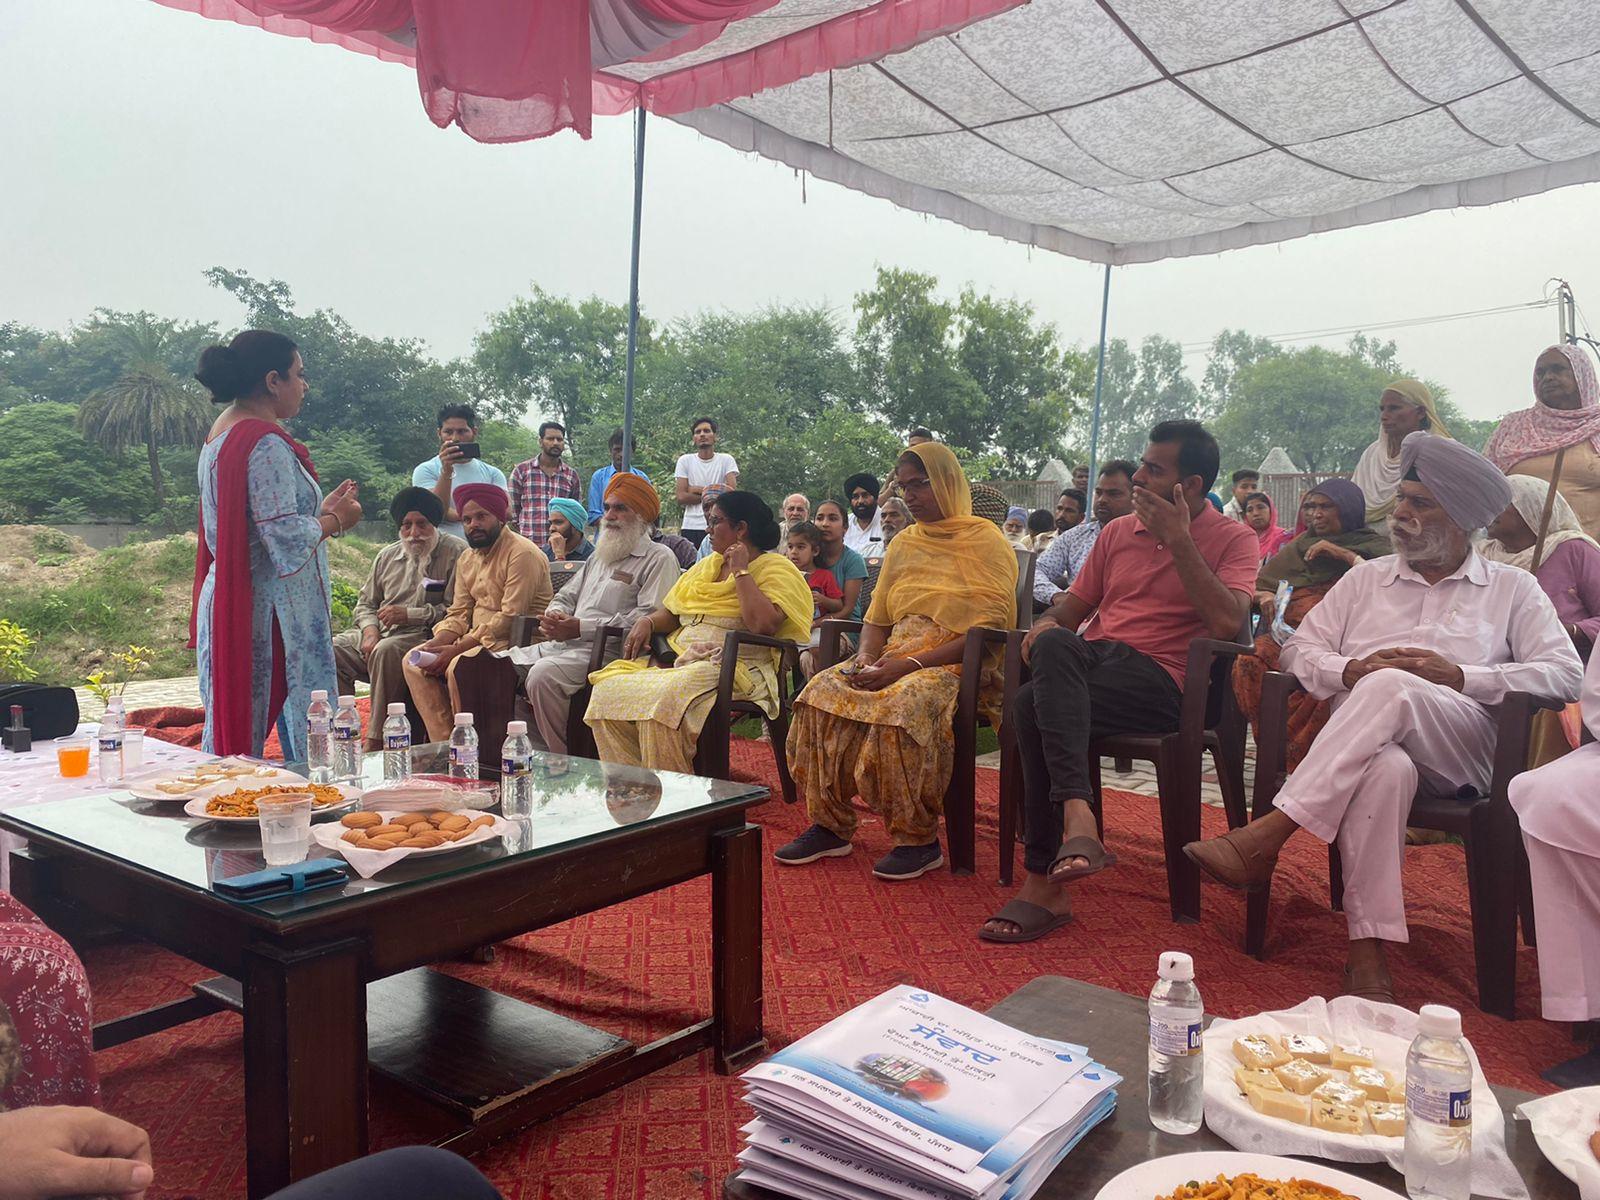 पंजाब सरकार द्वारा सभी गाँवों में 5 मरला प्लाॅट स्कीम के अंतर्गत योग्य लाभार्थीयों की पहचान करने के लिए मुहिम की शुरुआतः तृप्त बाजवा